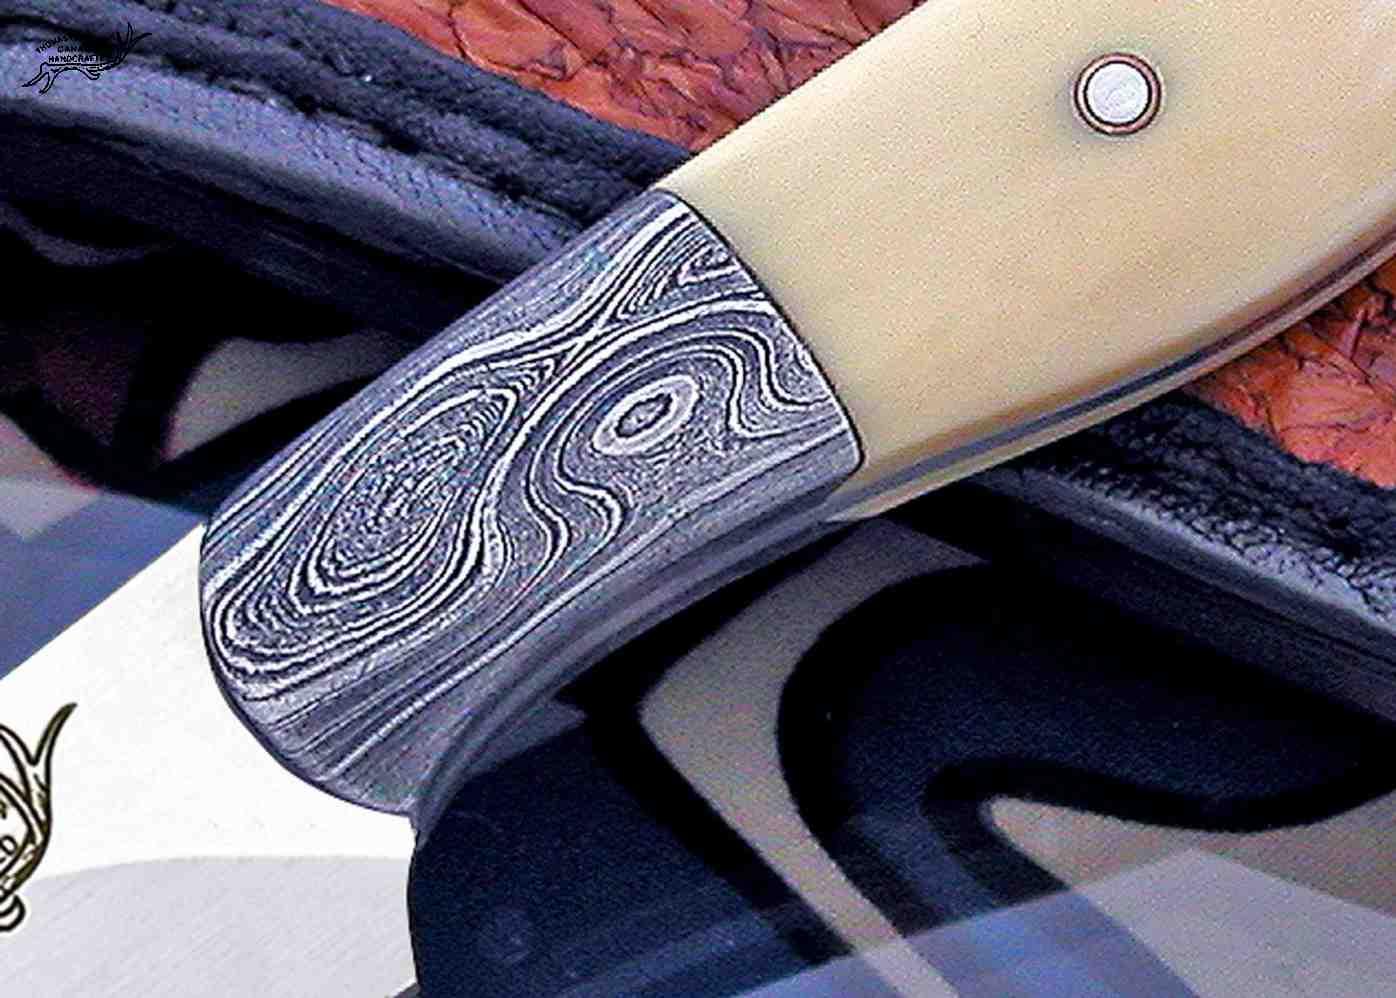 Bavarian Hunter close up view